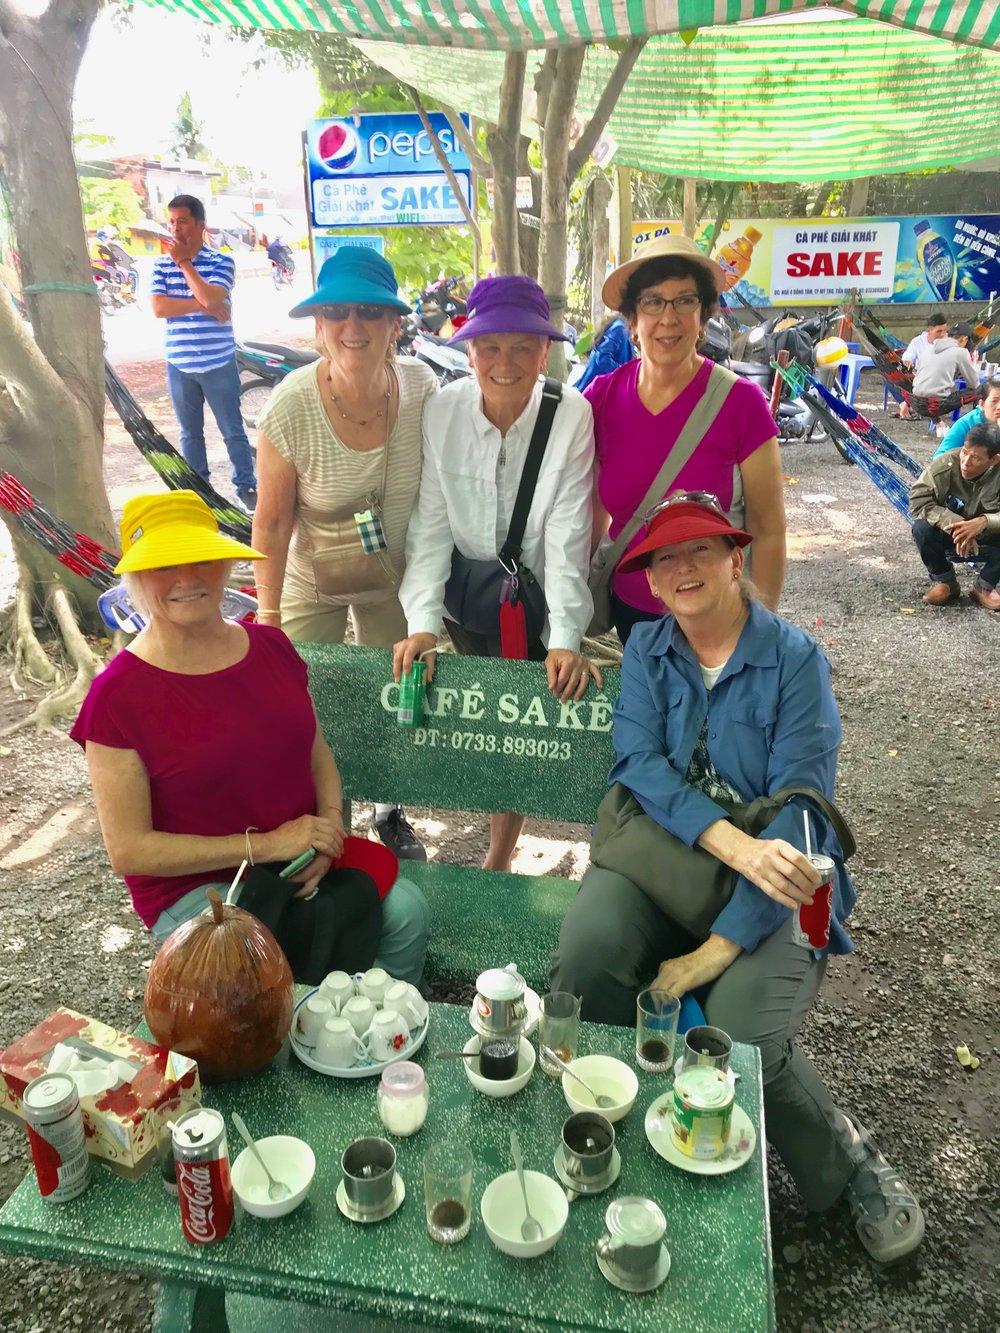 Cafe Sake pix of 5 woman sharing the trip.jpg*.jpg